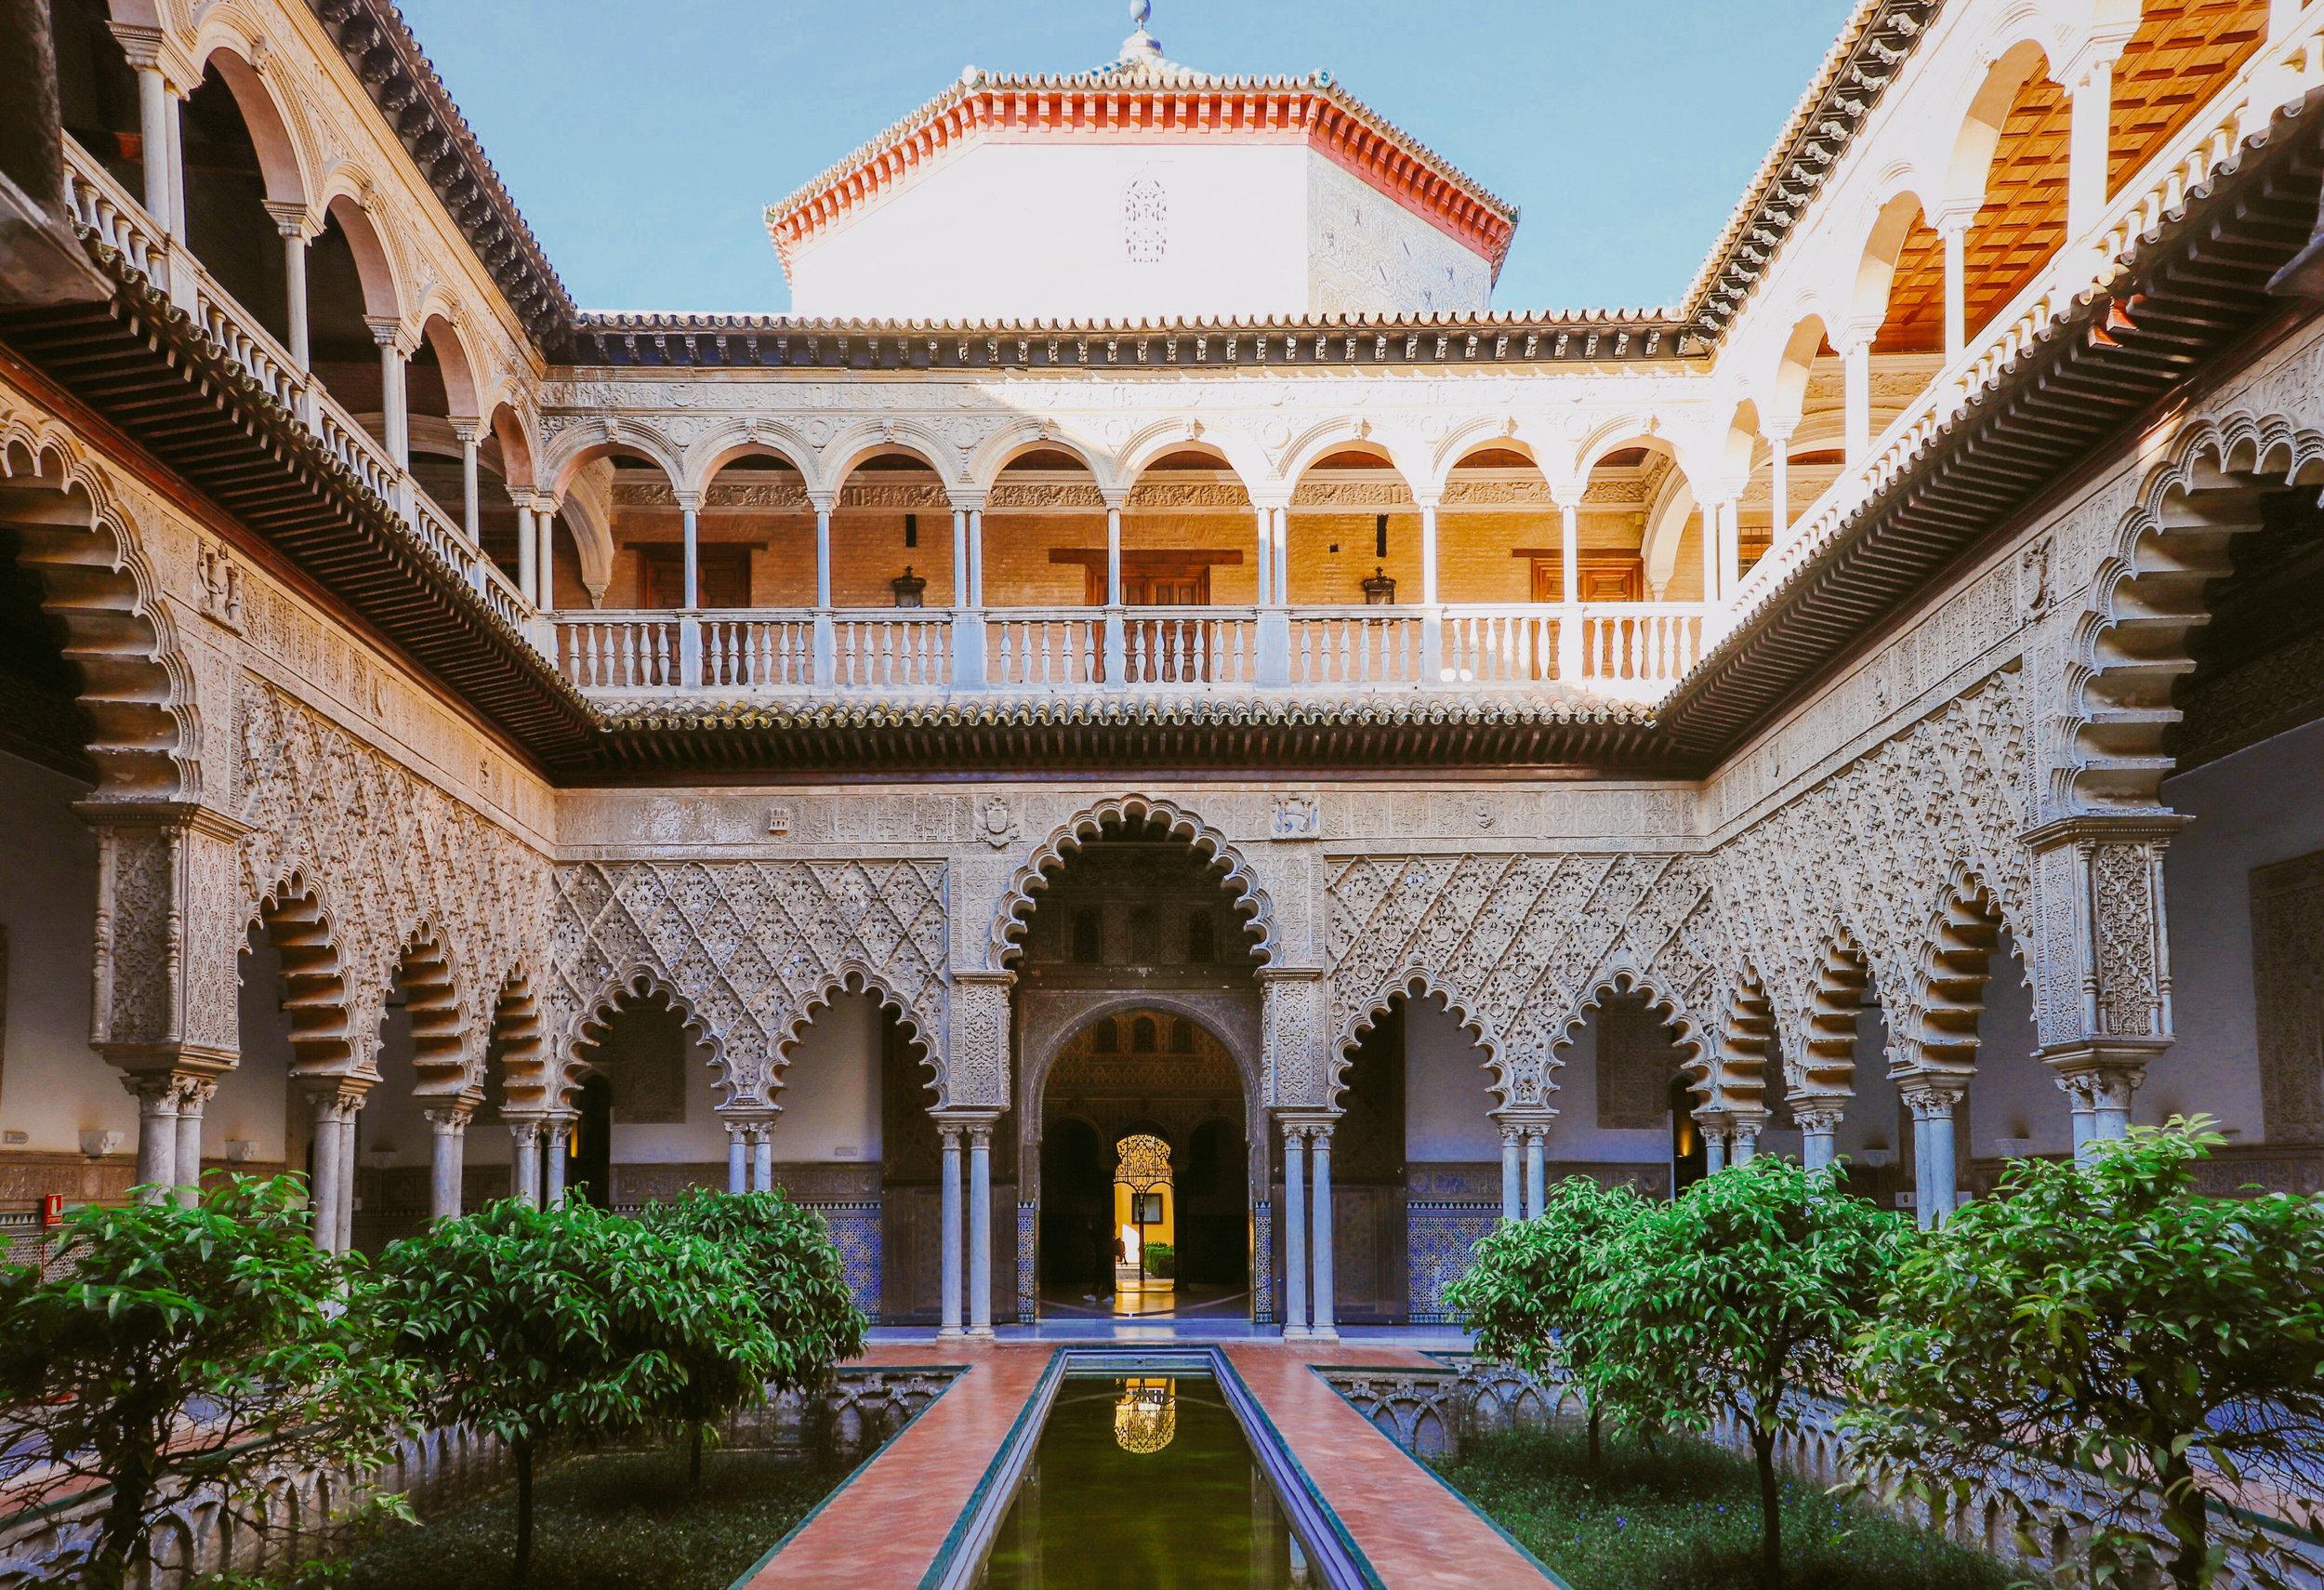 A weekend in Seville, Spain